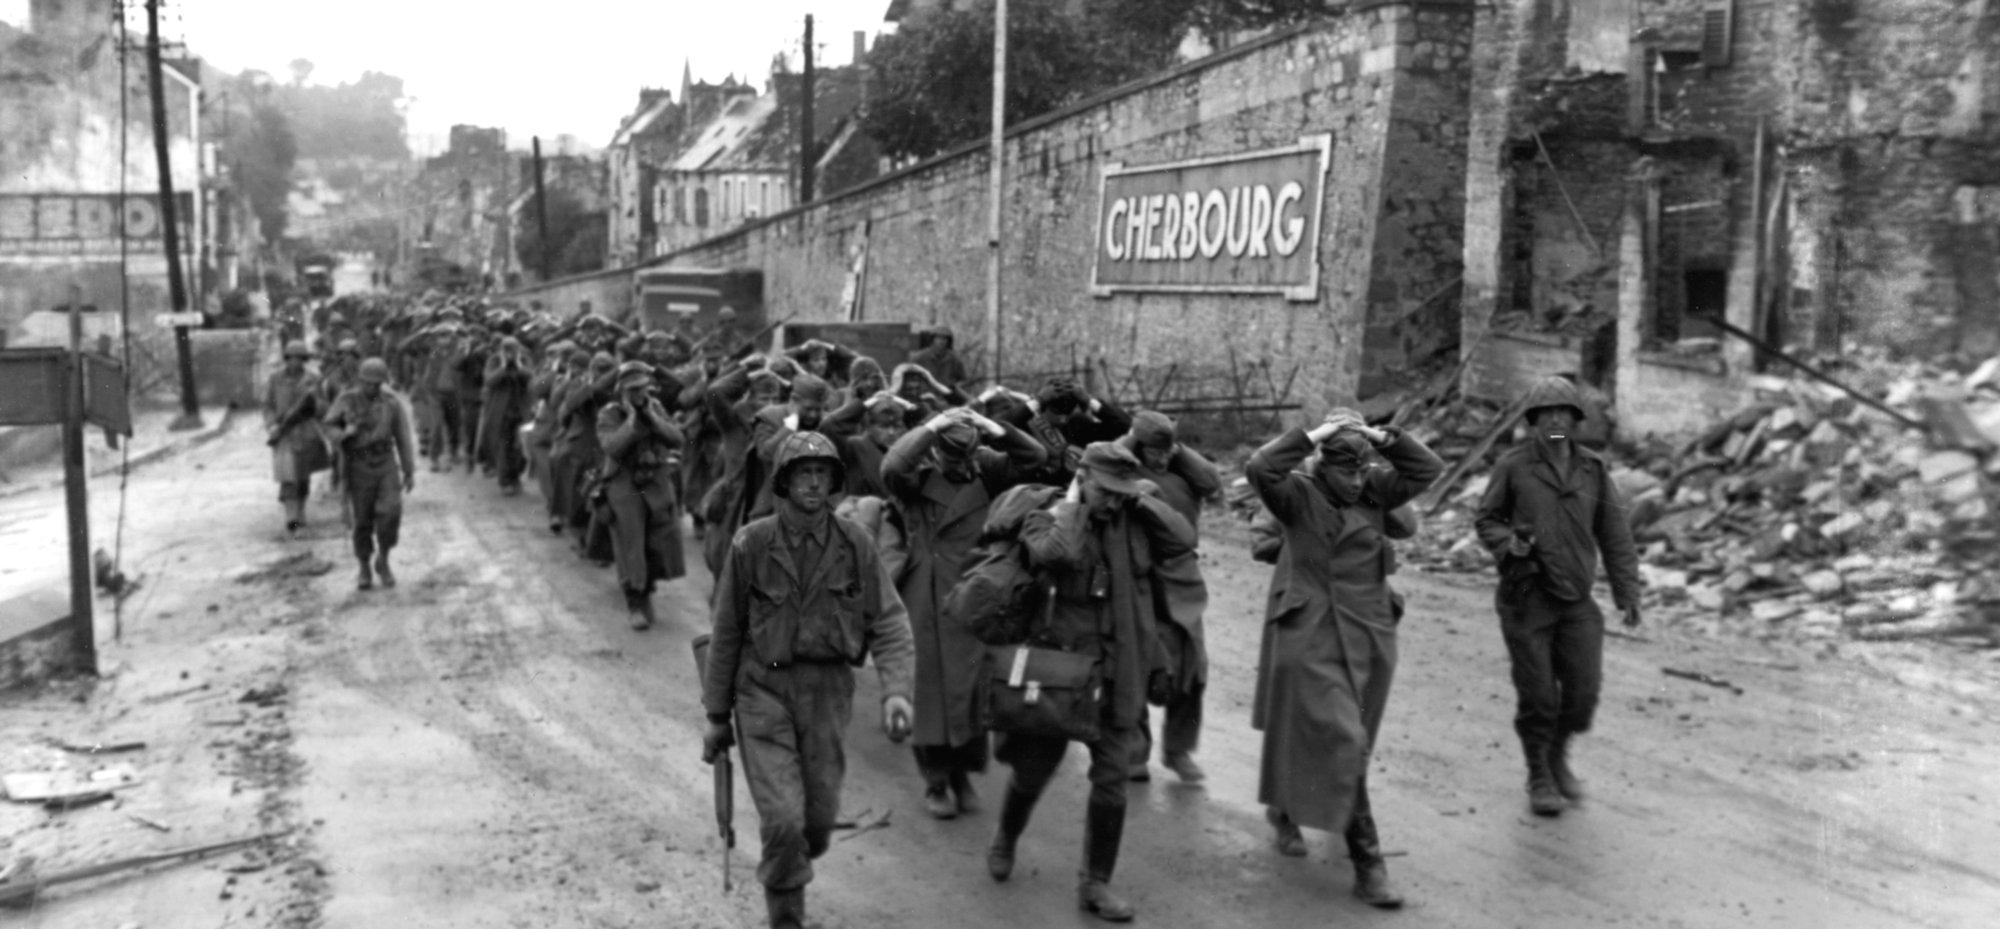 De slag om Cherbourg